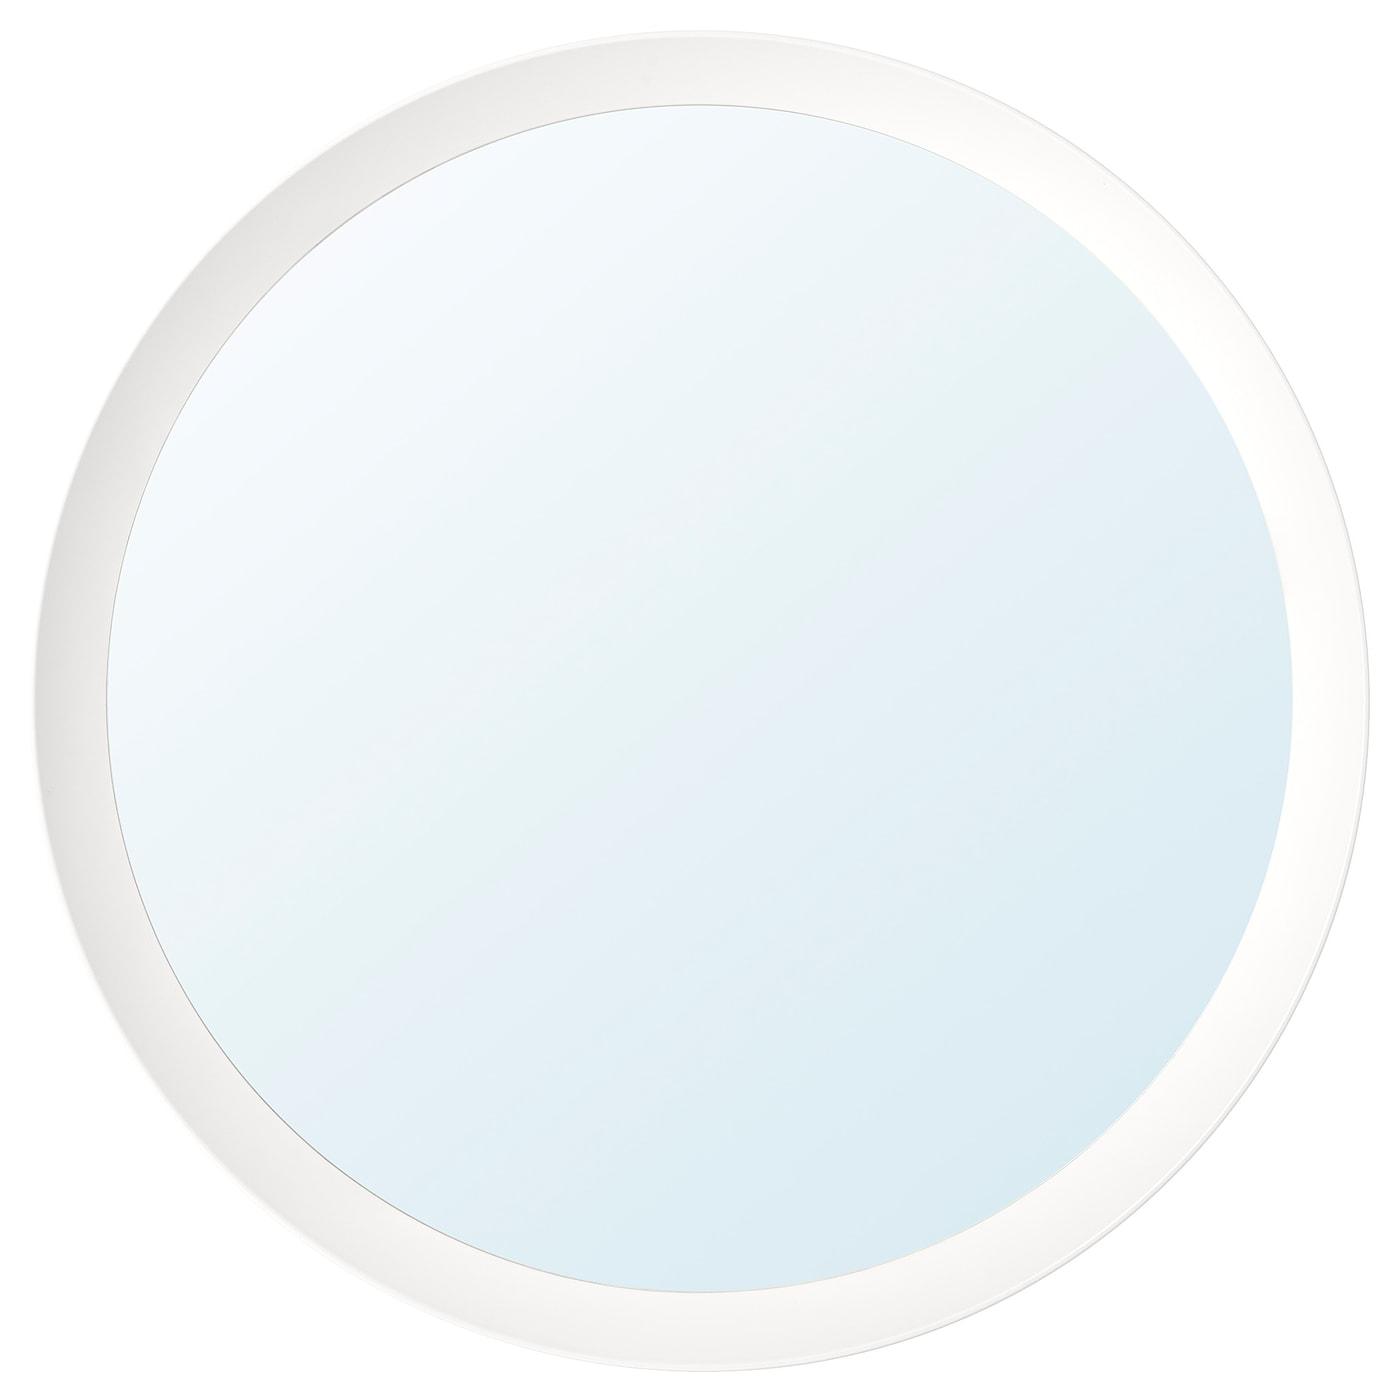 Langesund spiegel wei   0637768 pe698591 s5